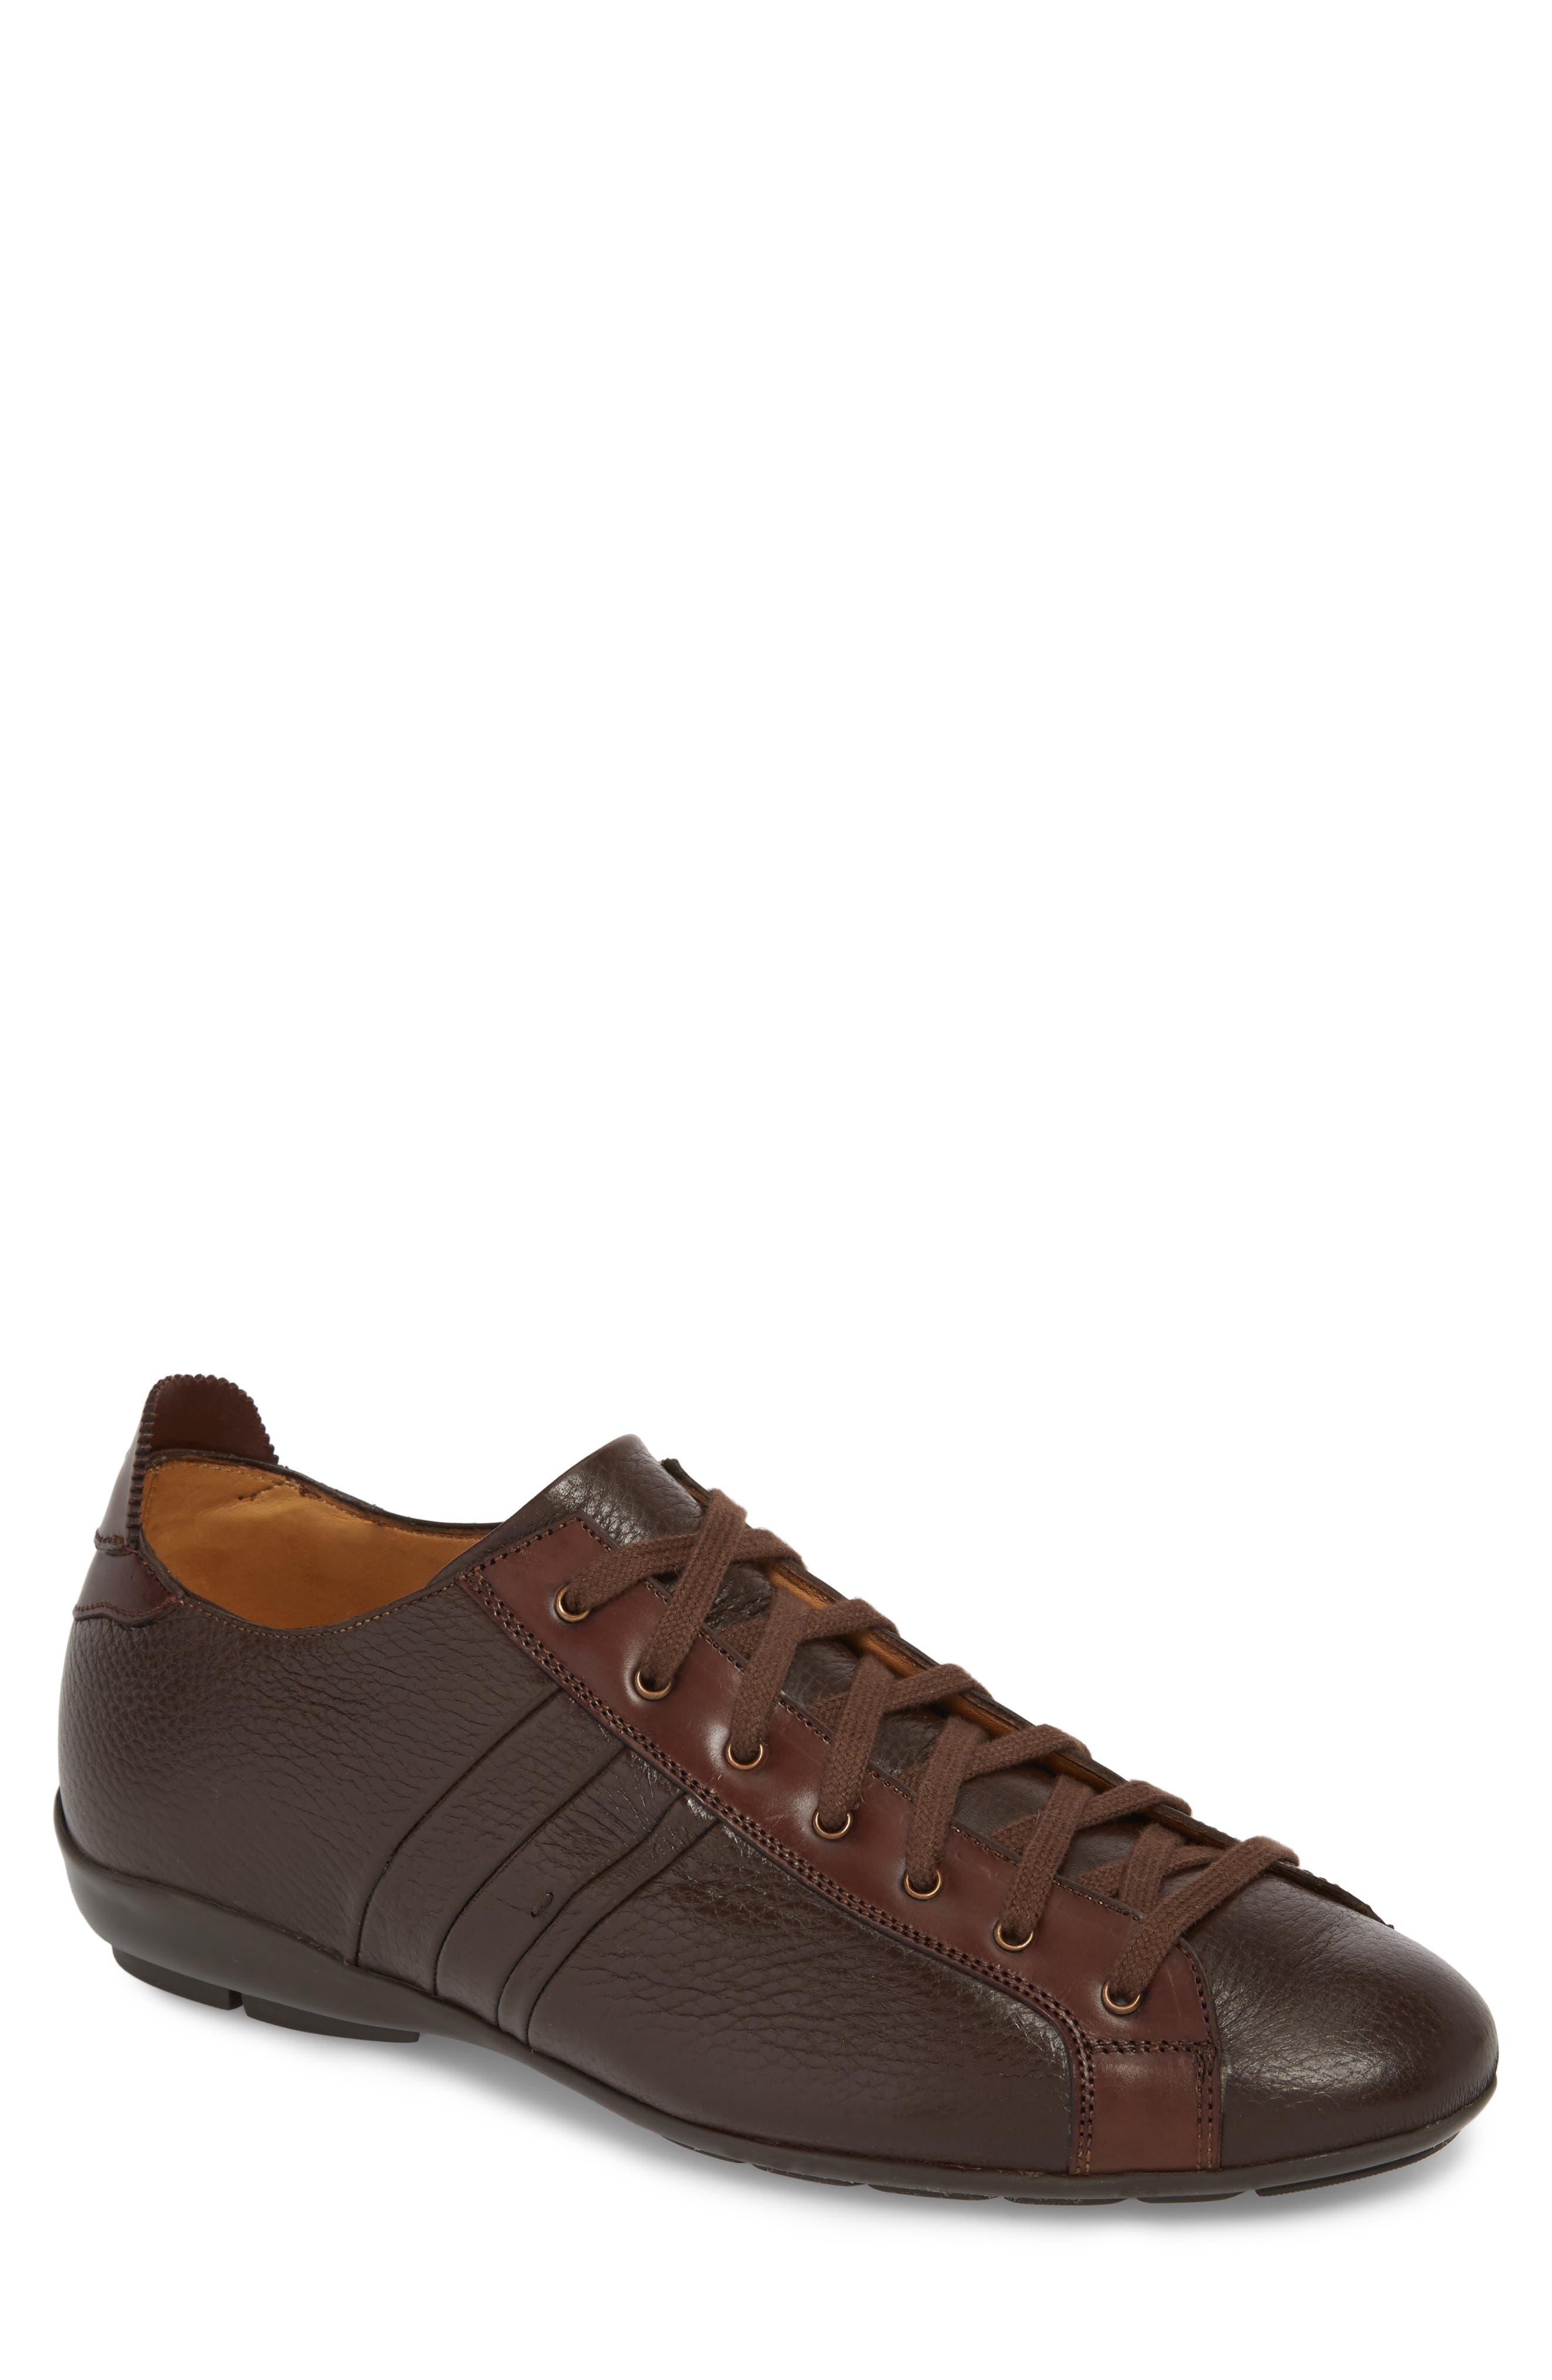 Tiberio Sneaker,                         Main,                         color, Brown